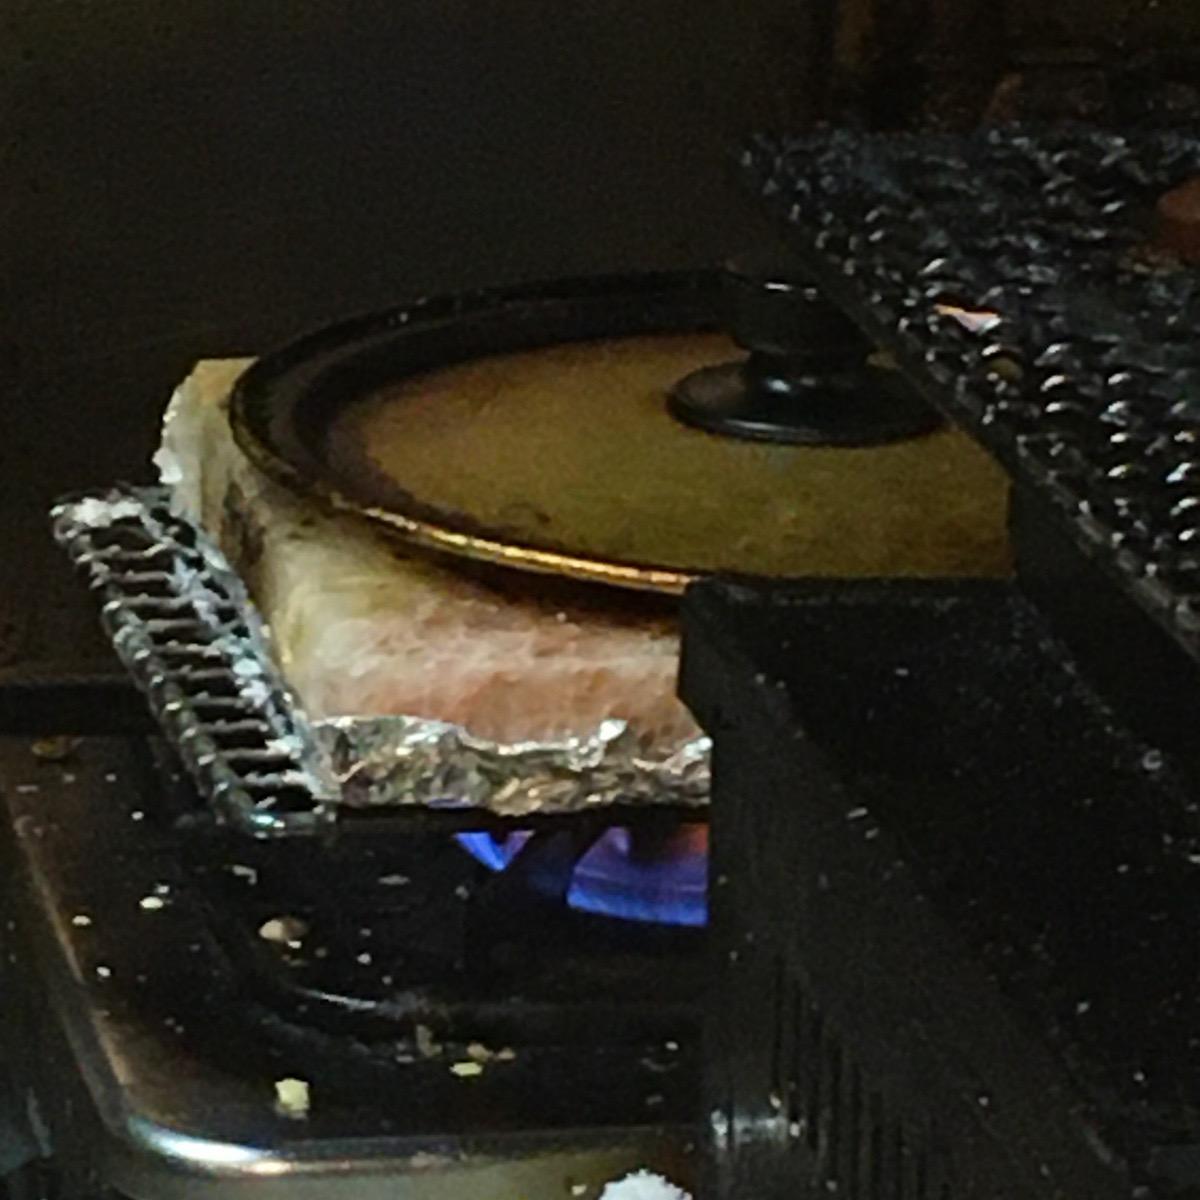 鶯谷の小さな居酒屋「あまのじゃく」ヒマラヤの岩盤塩プレートで焼いた肉が美味い!